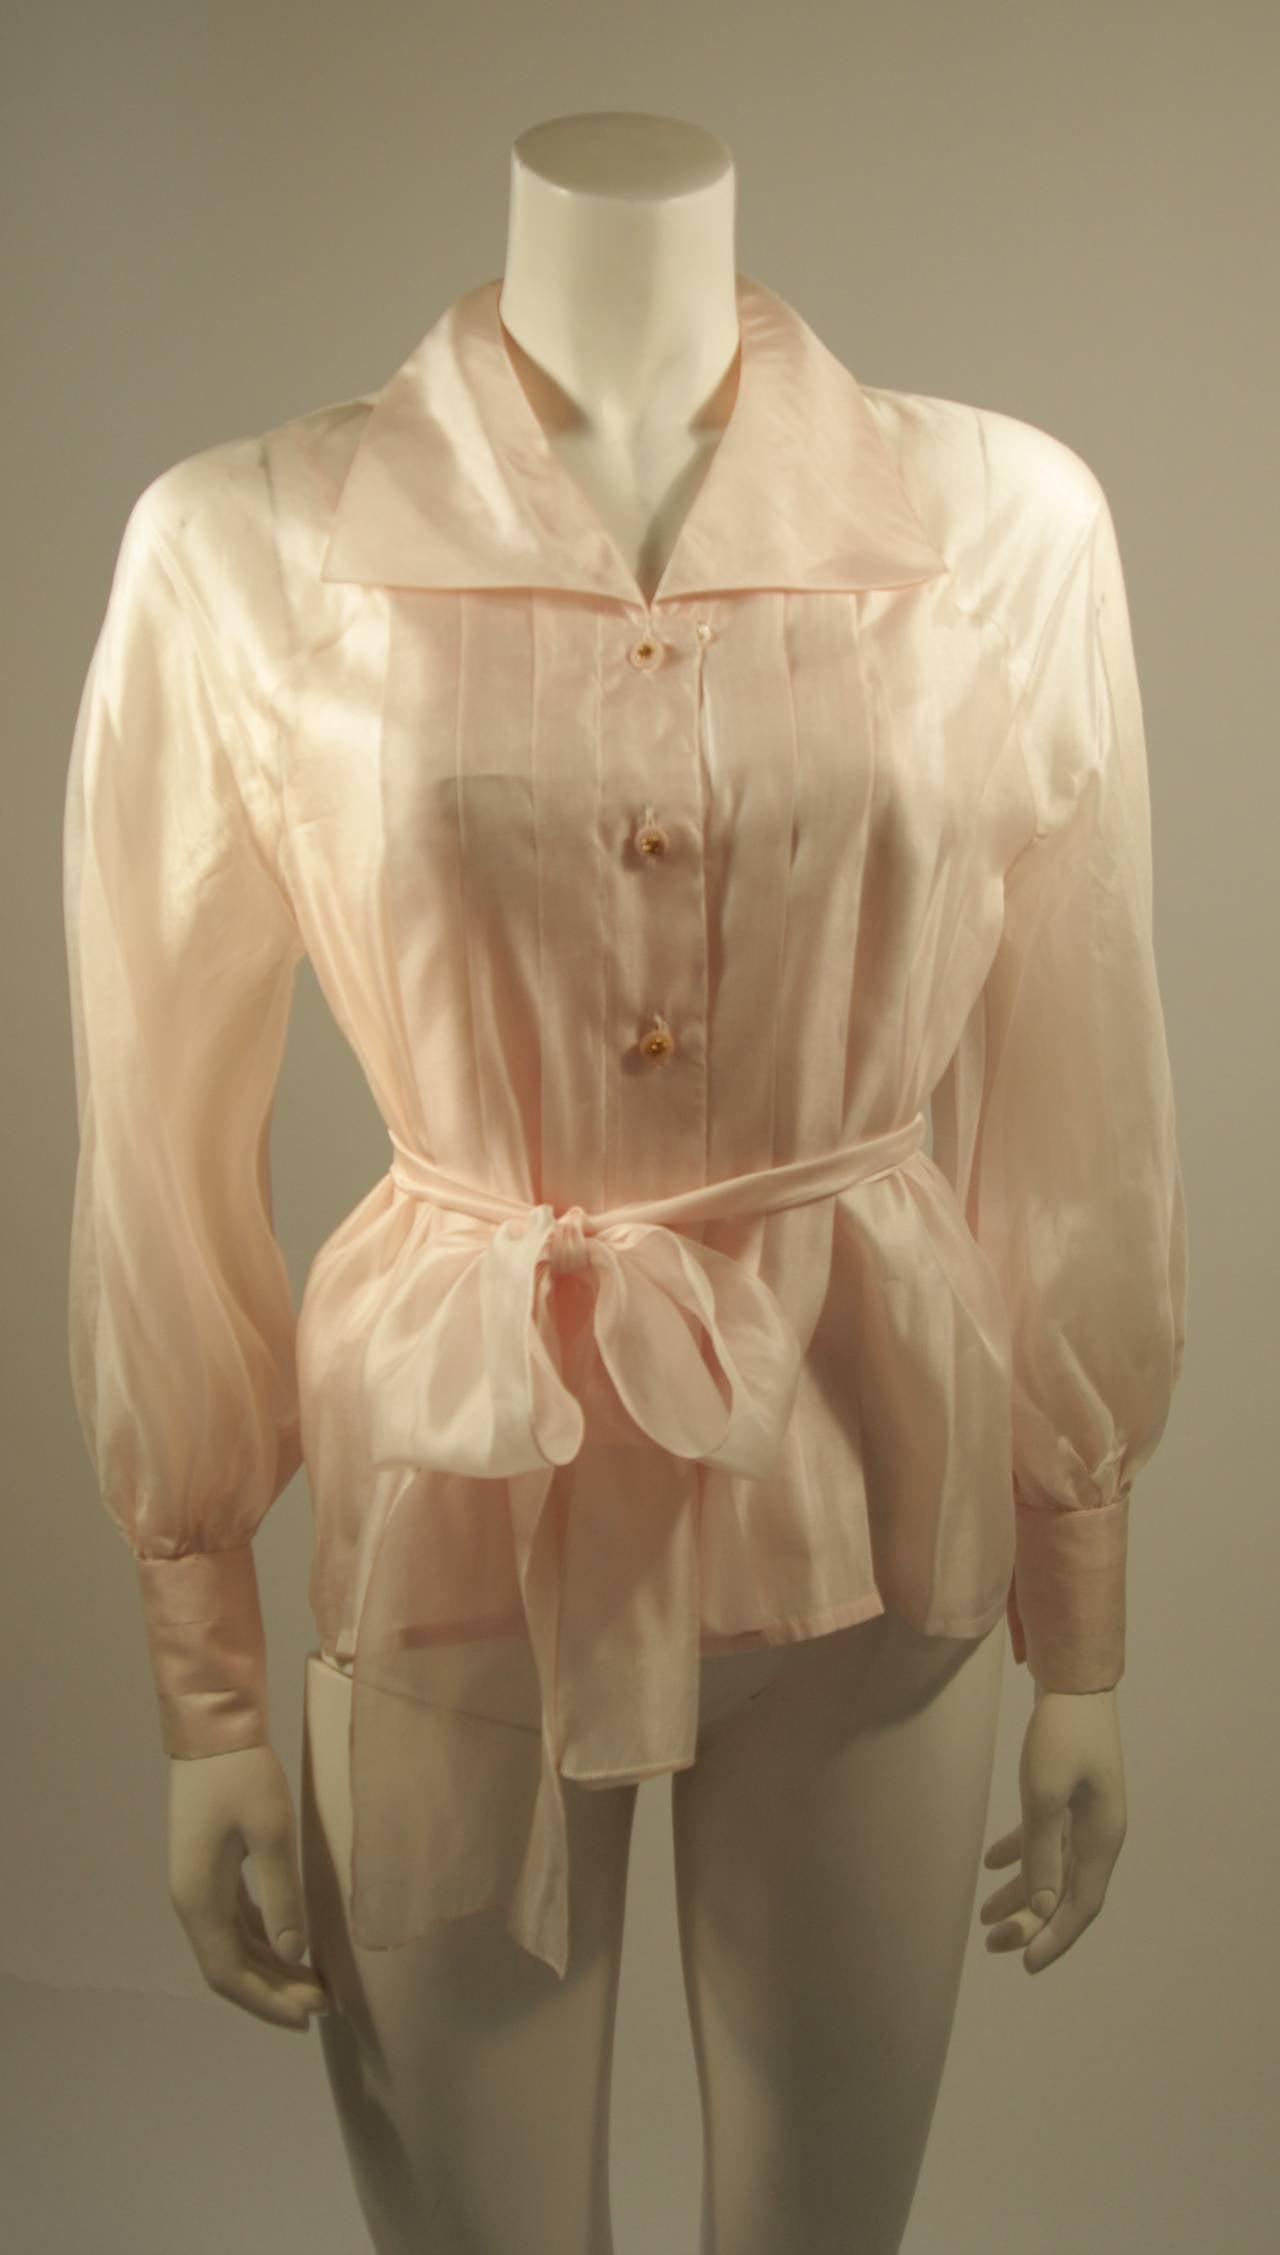 Chanel 3 Piece Pink Silk Organza Tie Neck Blouse & Camisole Set Size 36 2